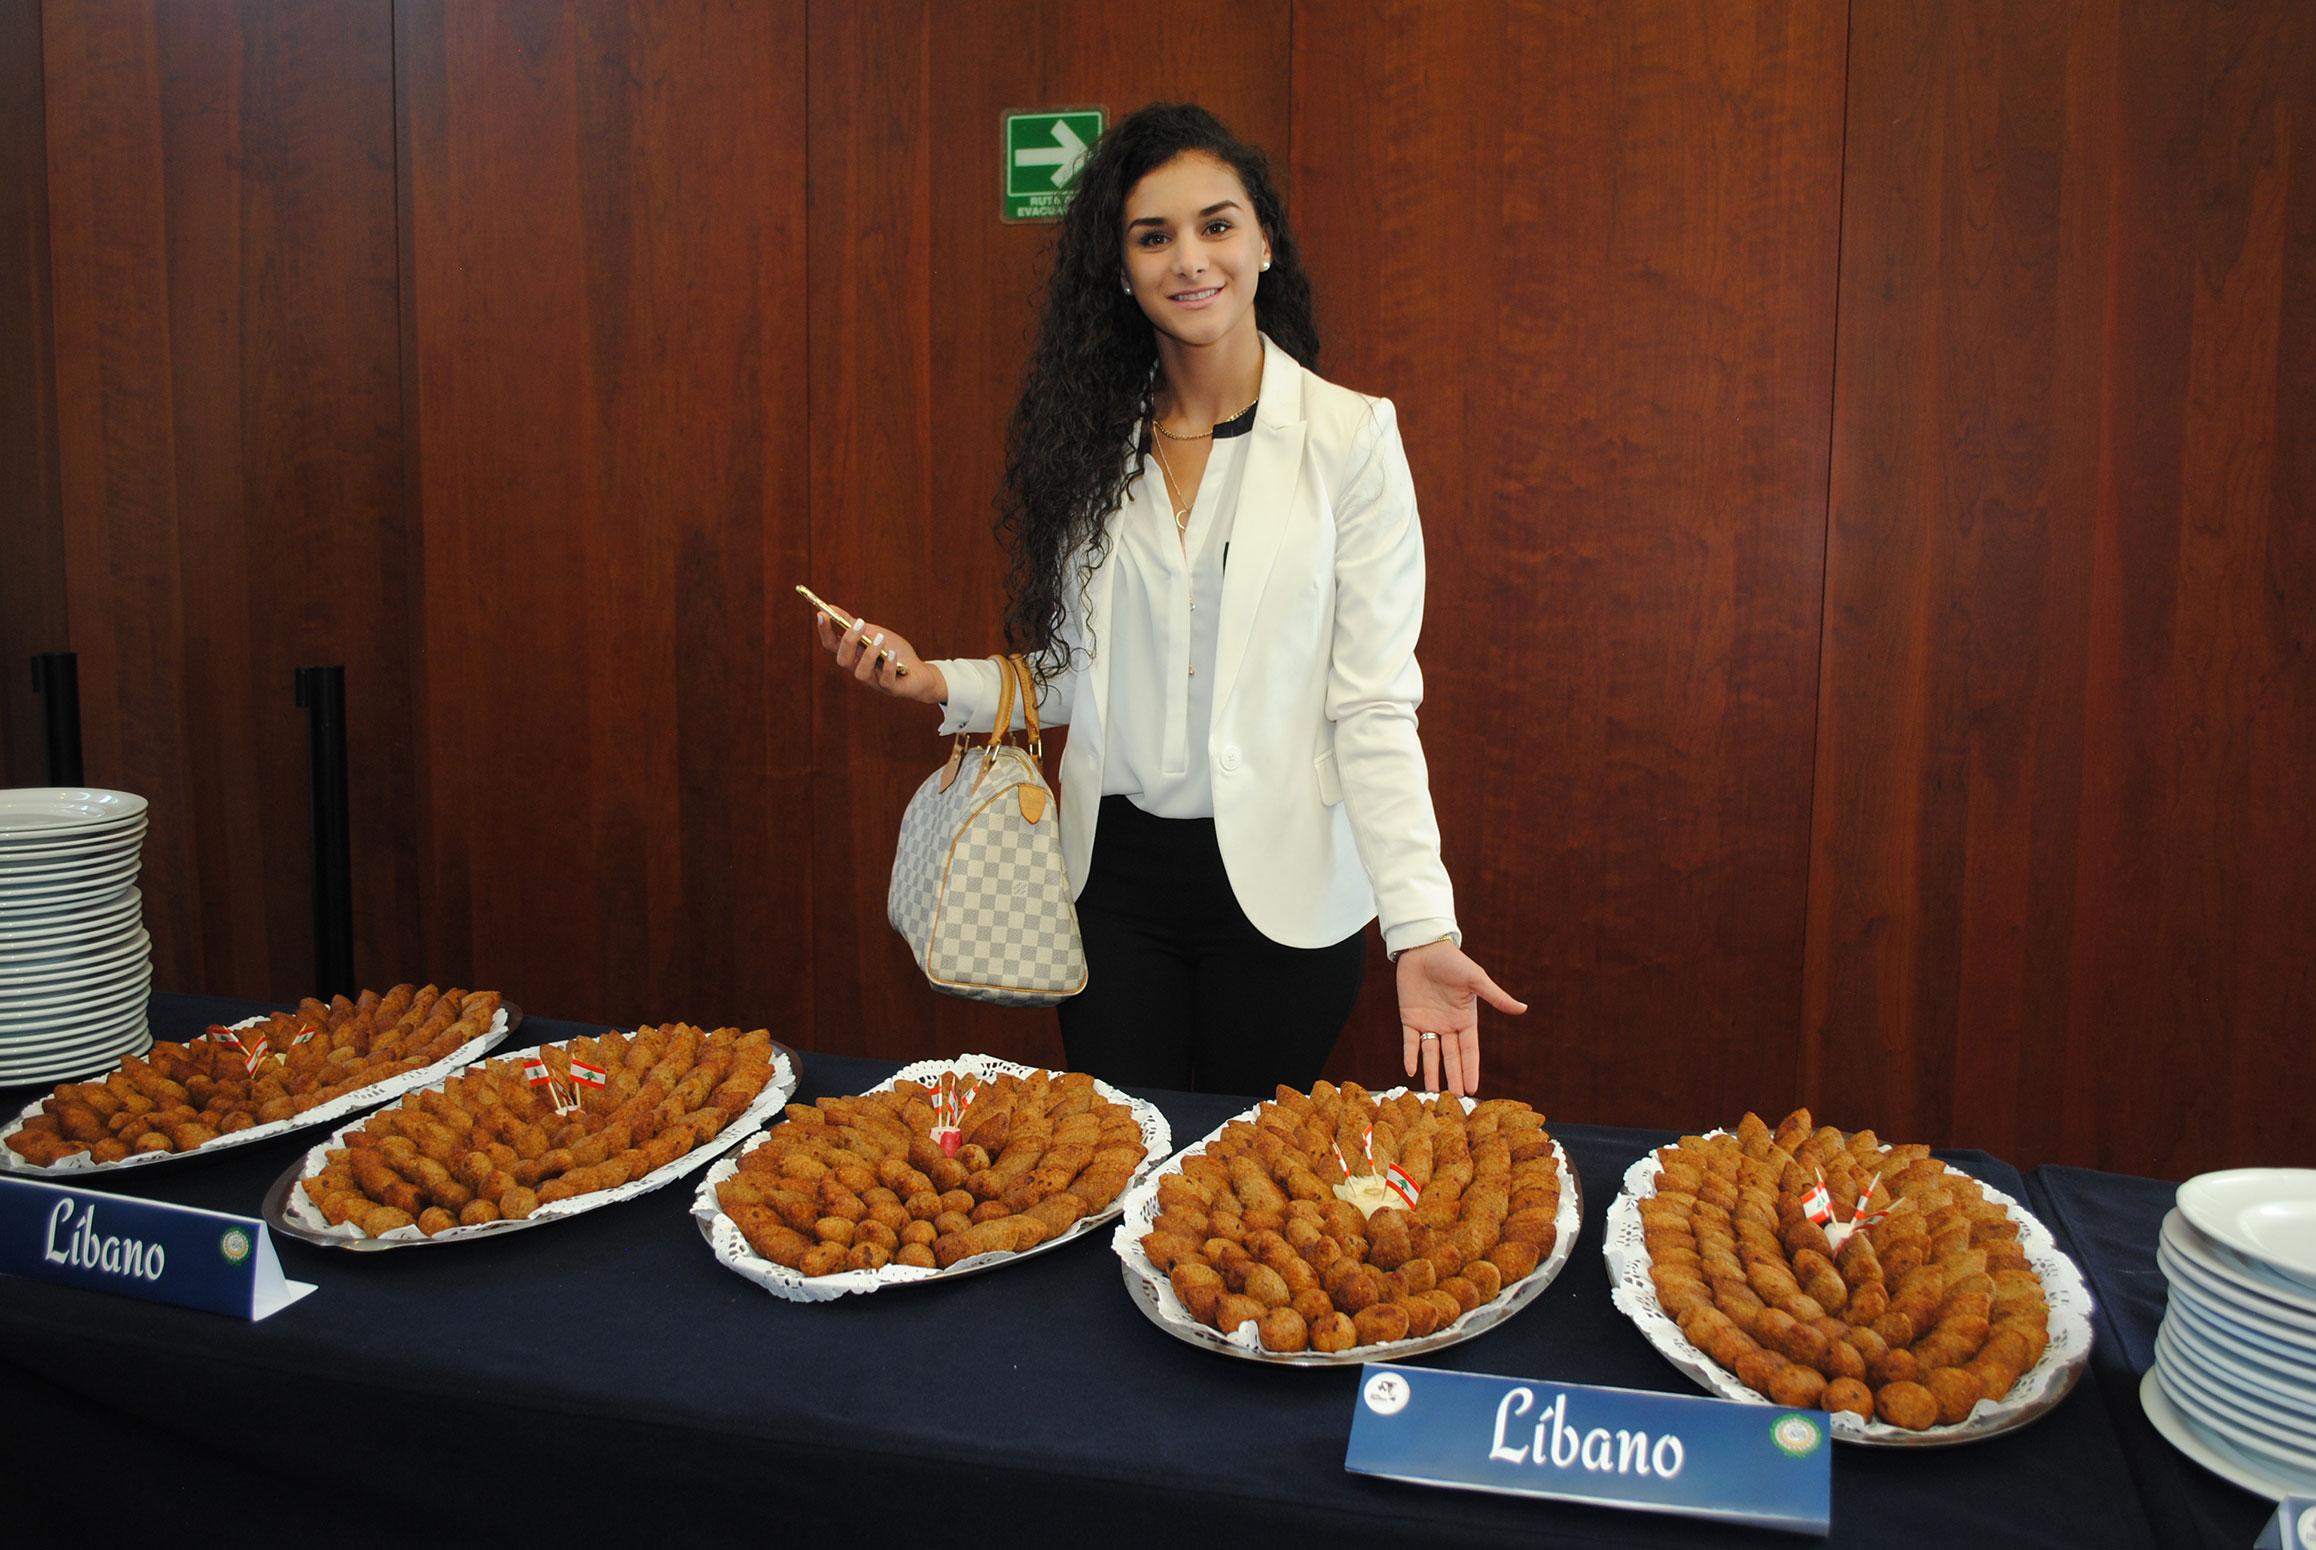 Vanessa Duhart, encargada de cultura de la Embajada de Líbano en México; presidió el stand de comida libanesa. Foto: Derechos reservados Revista Protocolo Copyright ©